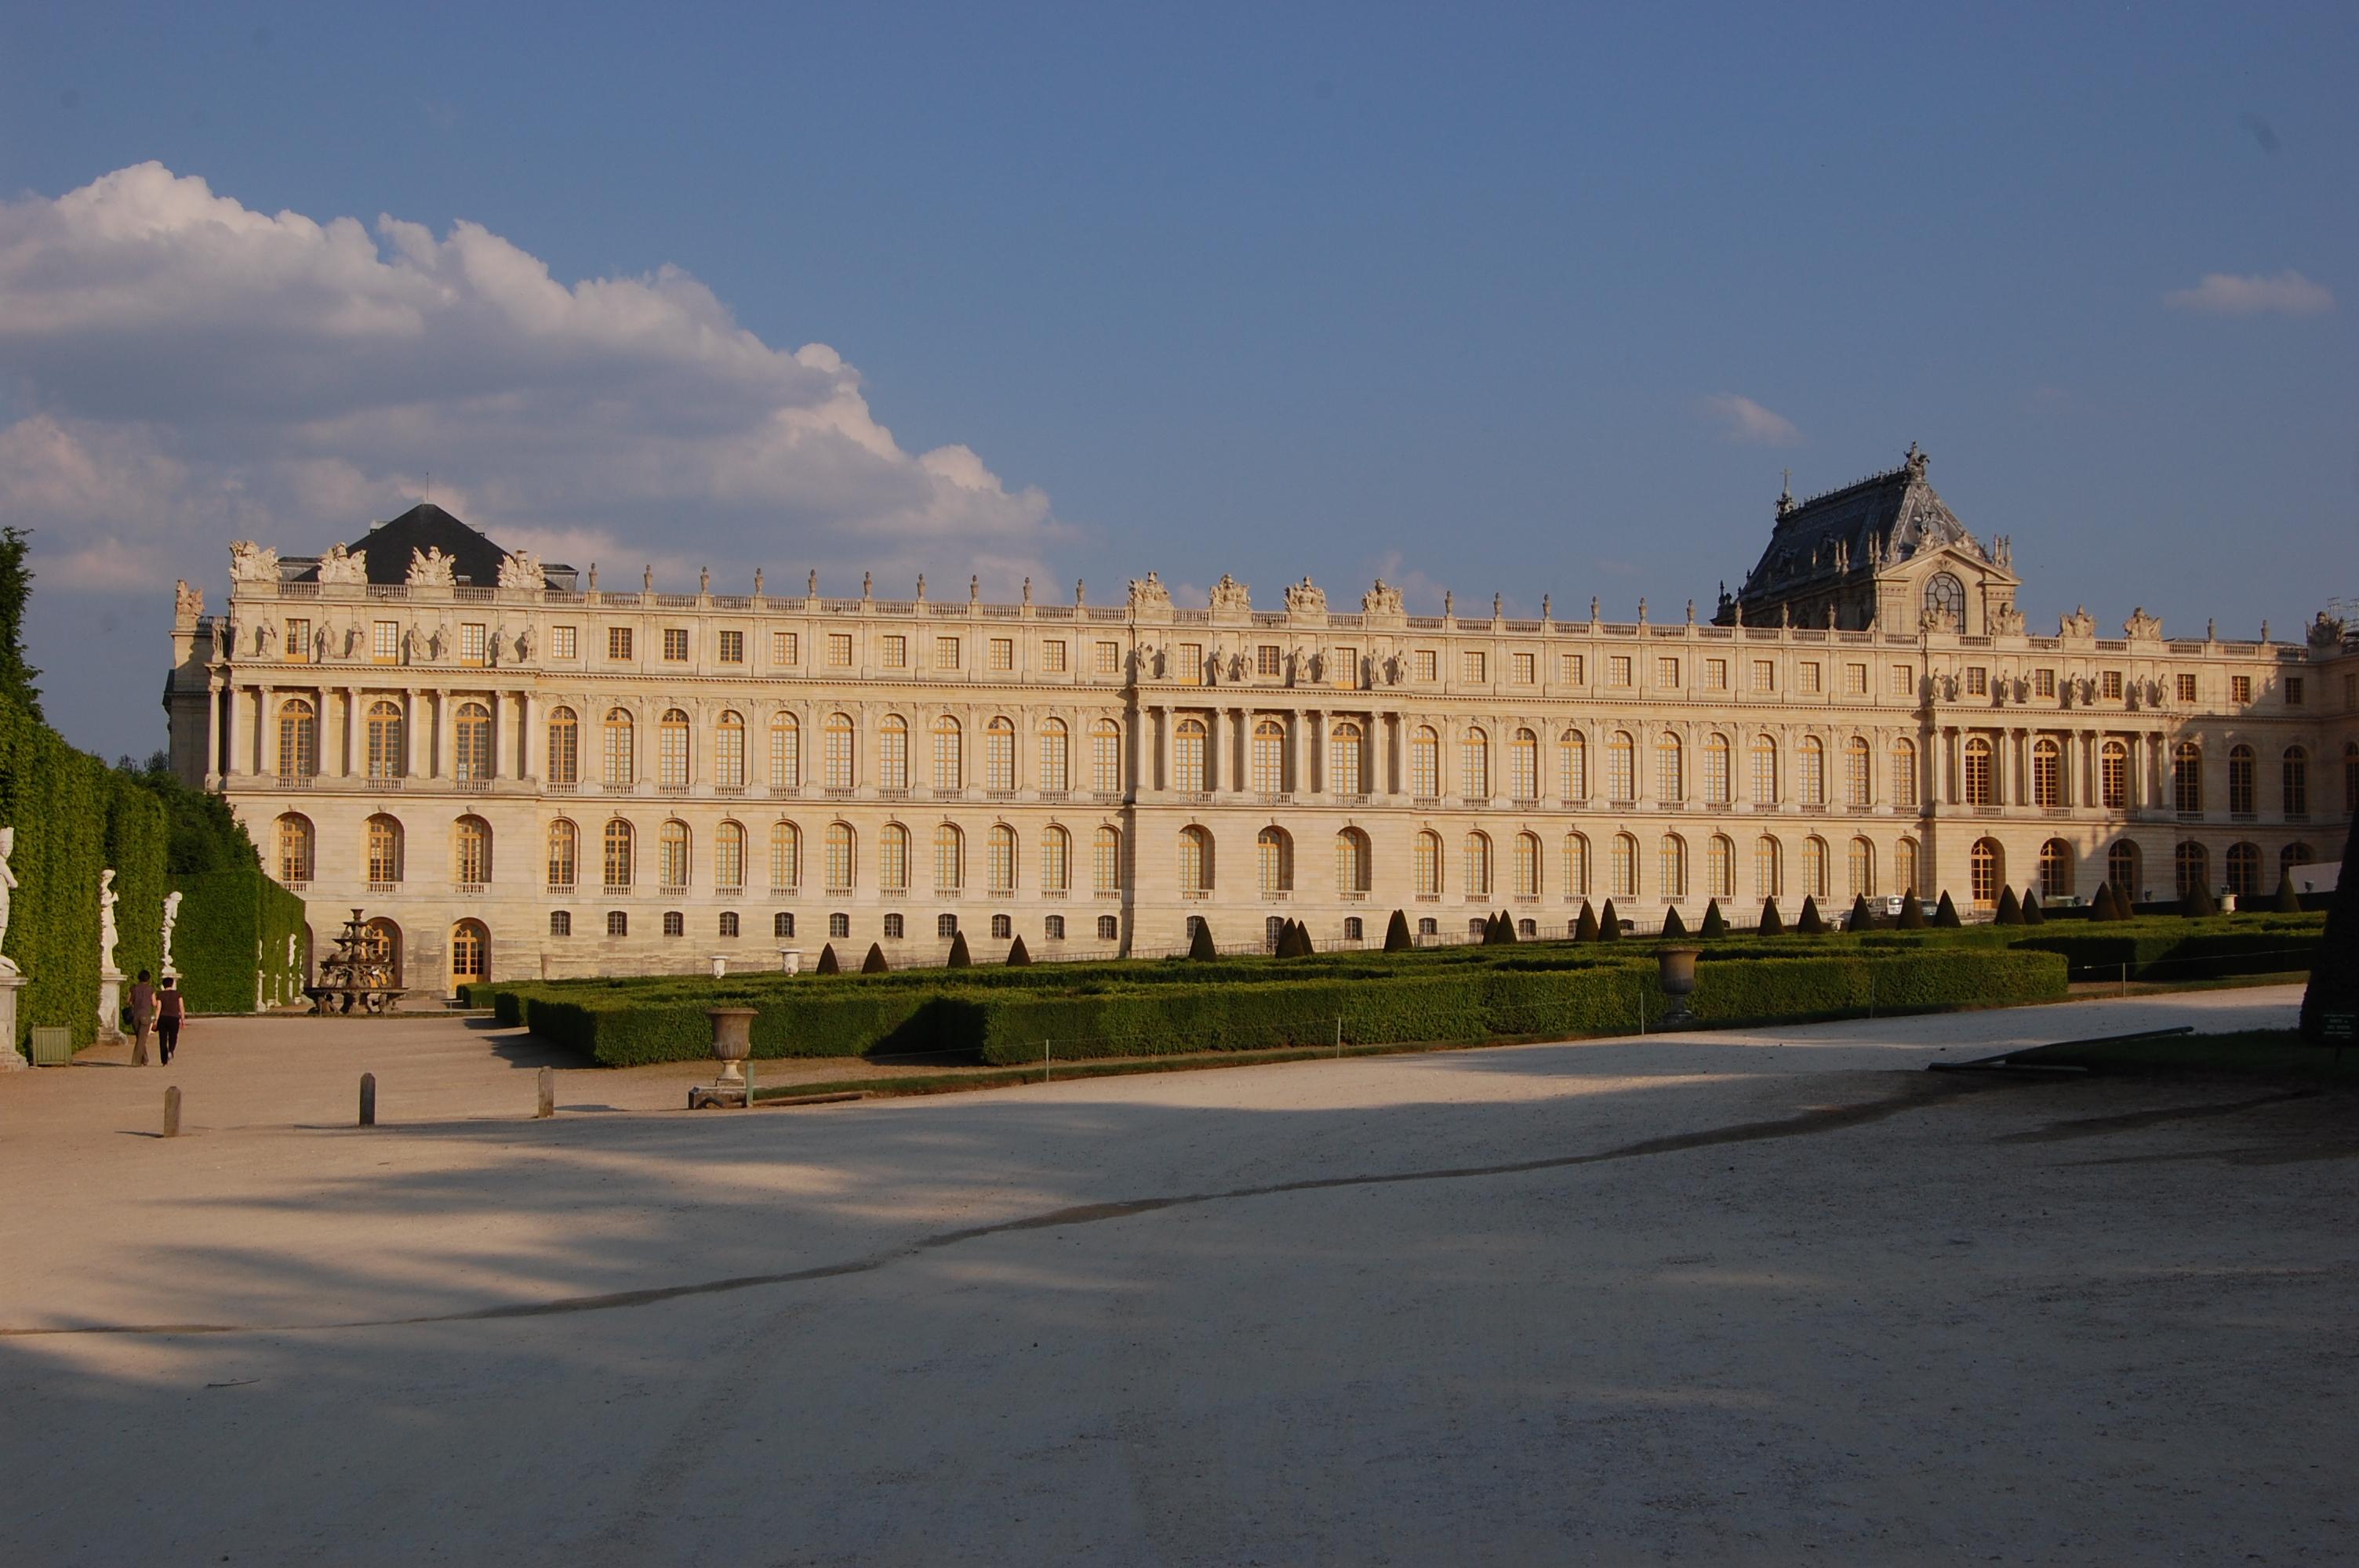 Le ch teau de versailles arts et voyages - Photo chateau de versailles ...